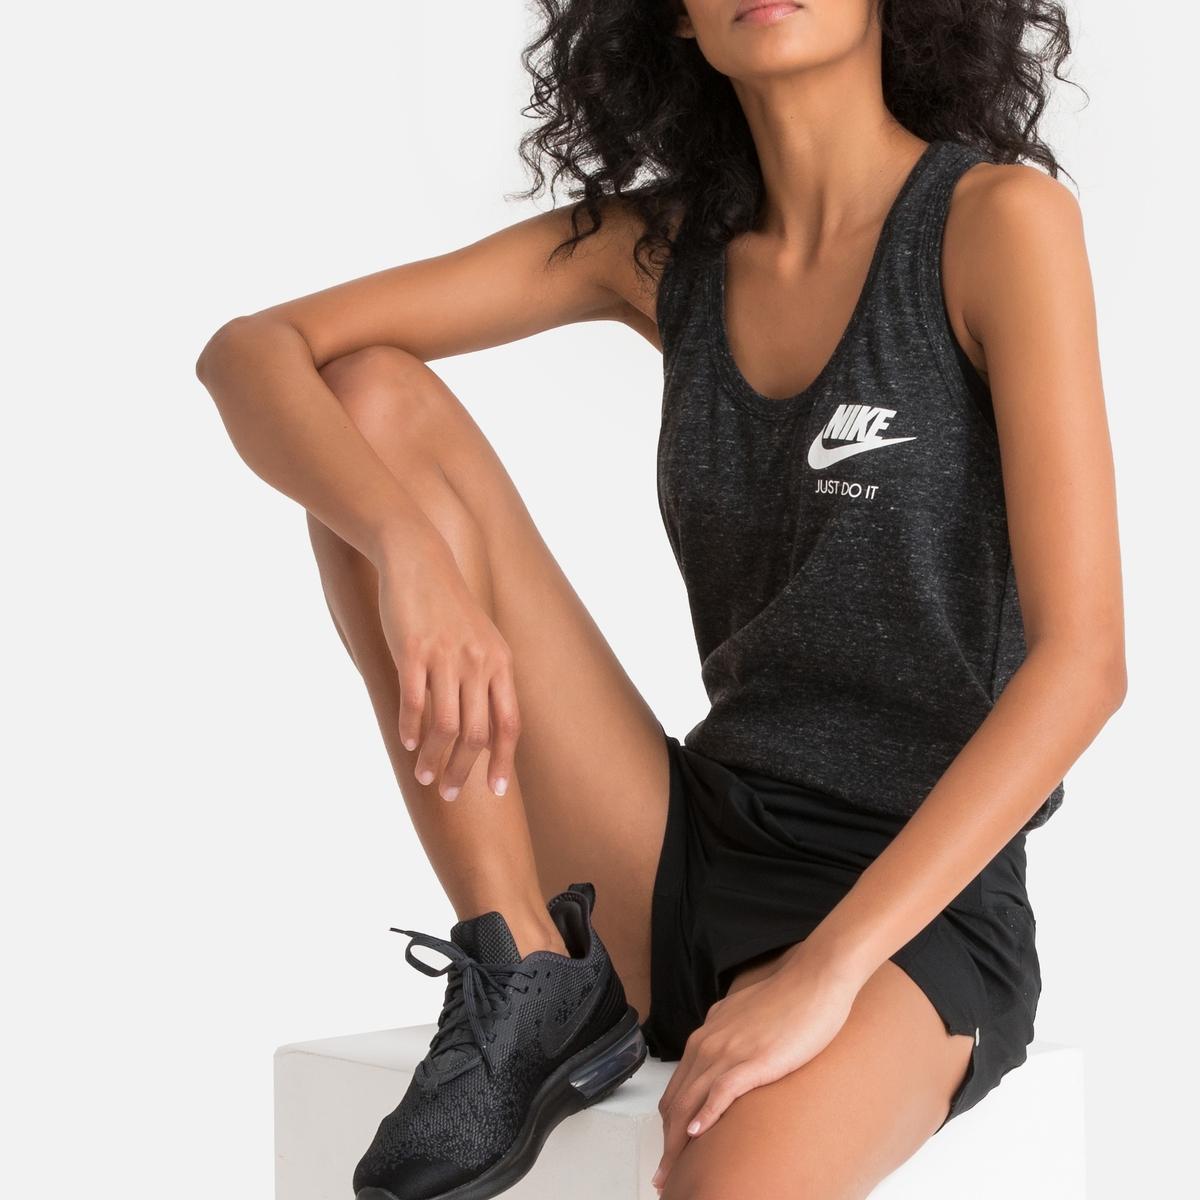 Imagen principal de producto de Camiseta sin mangas con espalda estilo nadador Sportswear Gym Vintage - Nike